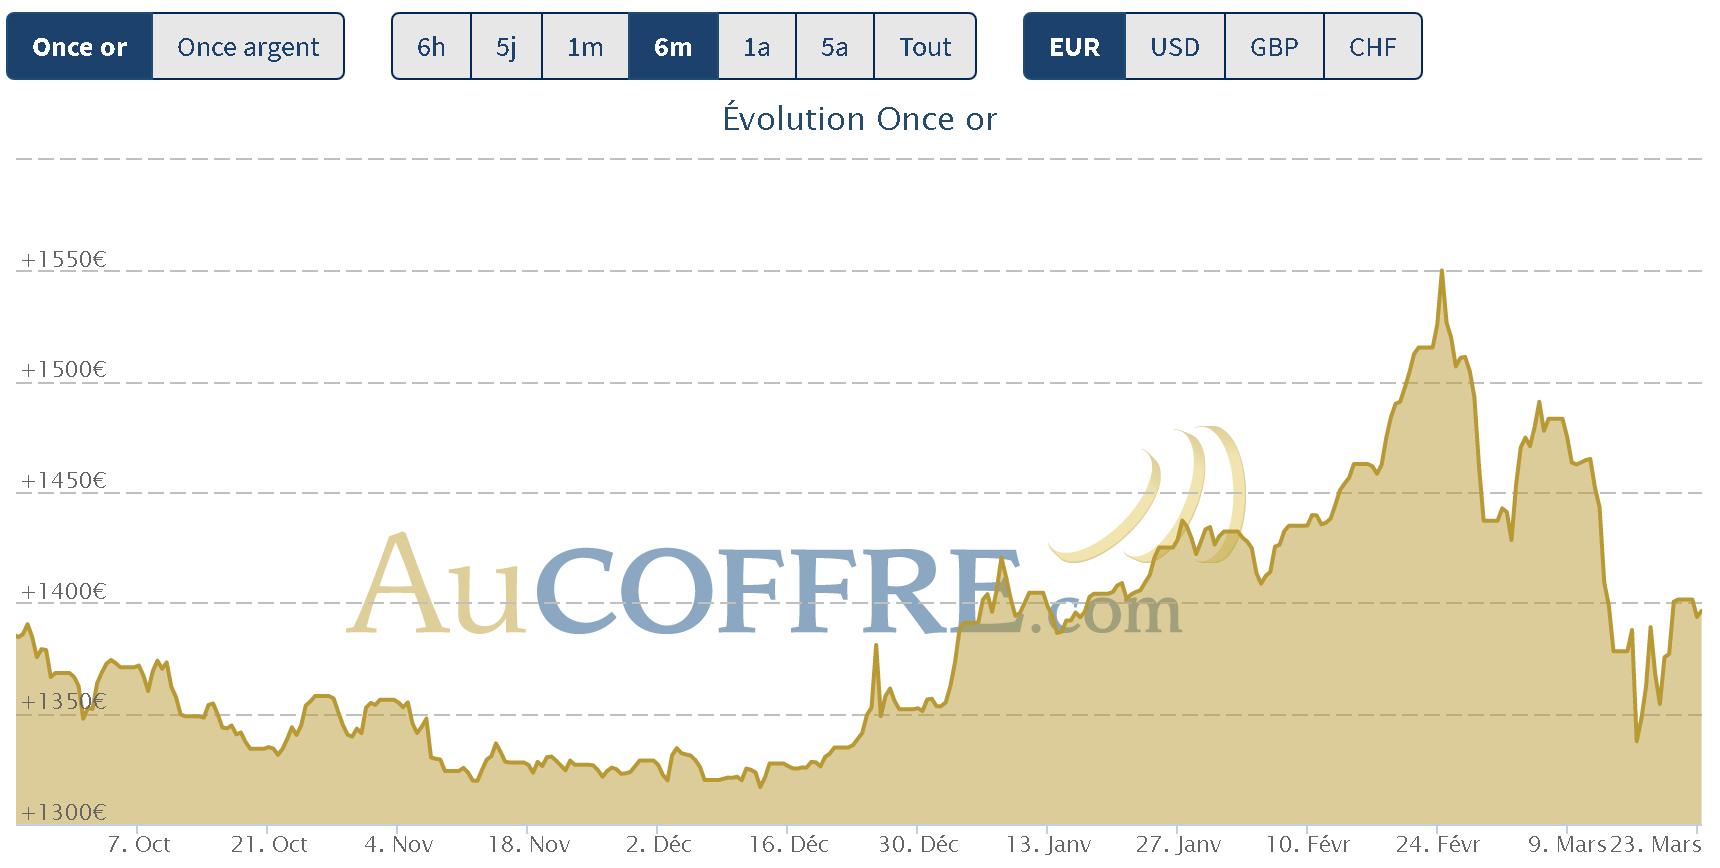 cours de l'or qui résiste, l'argent en forte baisse fin mars 2020